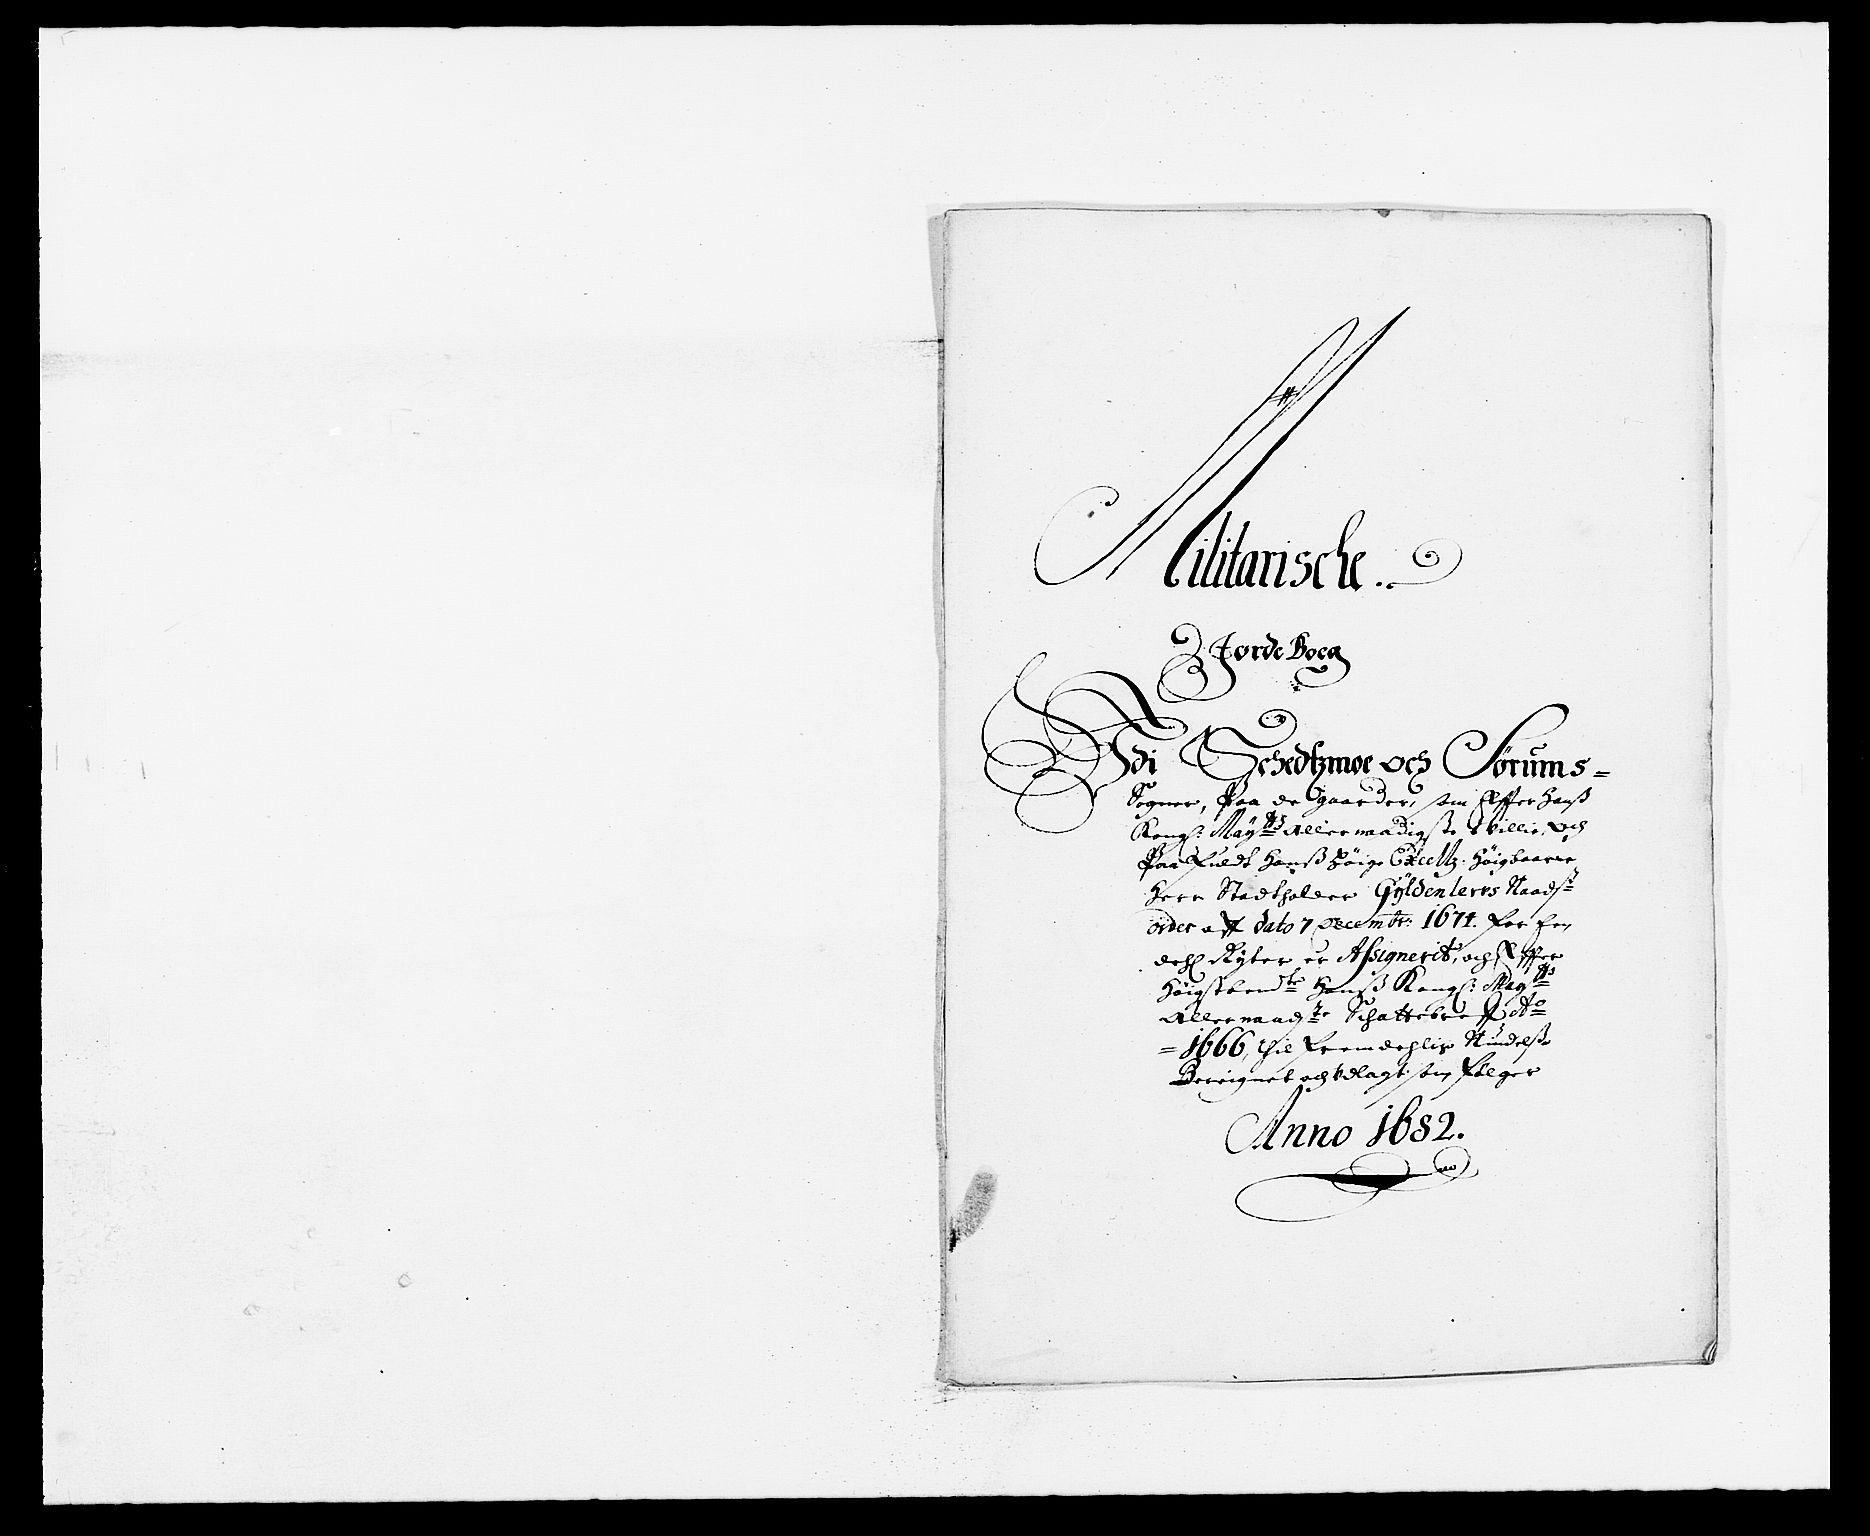 RA, Rentekammeret inntil 1814, Reviderte regnskaper, Fogderegnskap, R11/L0570: Fogderegnskap Nedre Romerike, 1682, s. 282